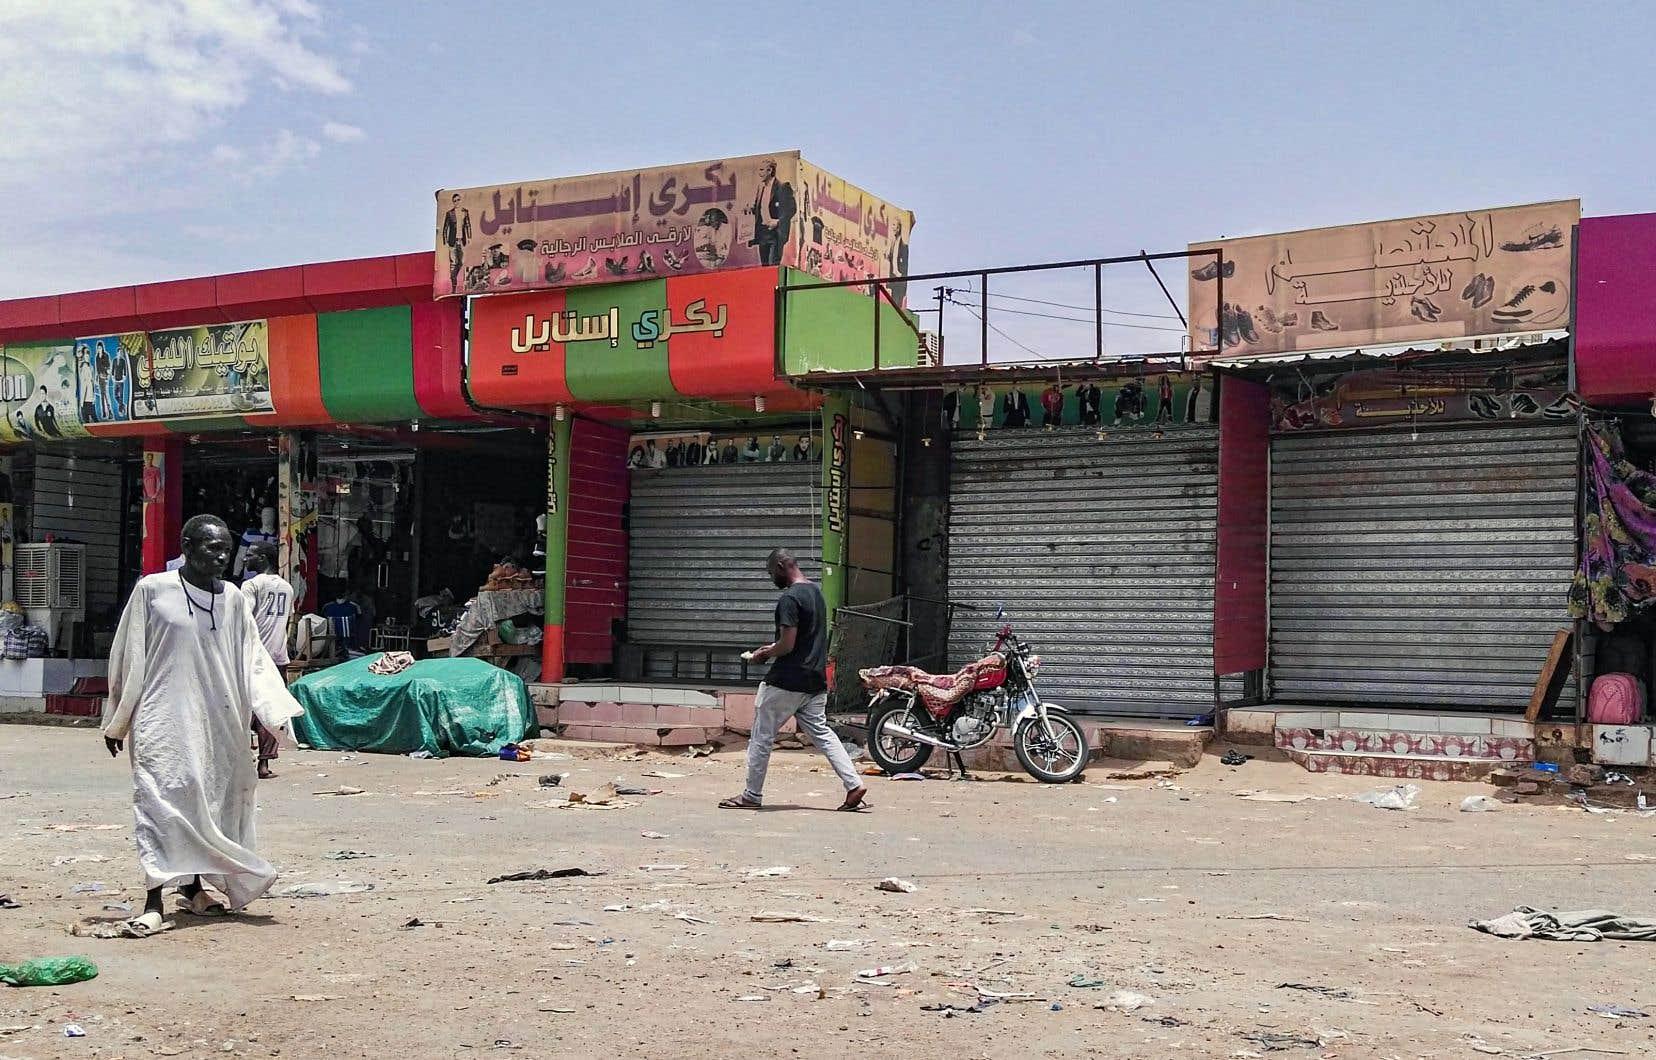 Malgré la réouverture de certains magasins, beaucoup de résidents de Khartoum ont préféré rester chez eux en raison du déploiement massif de forces de sécurité, lourdement armées.